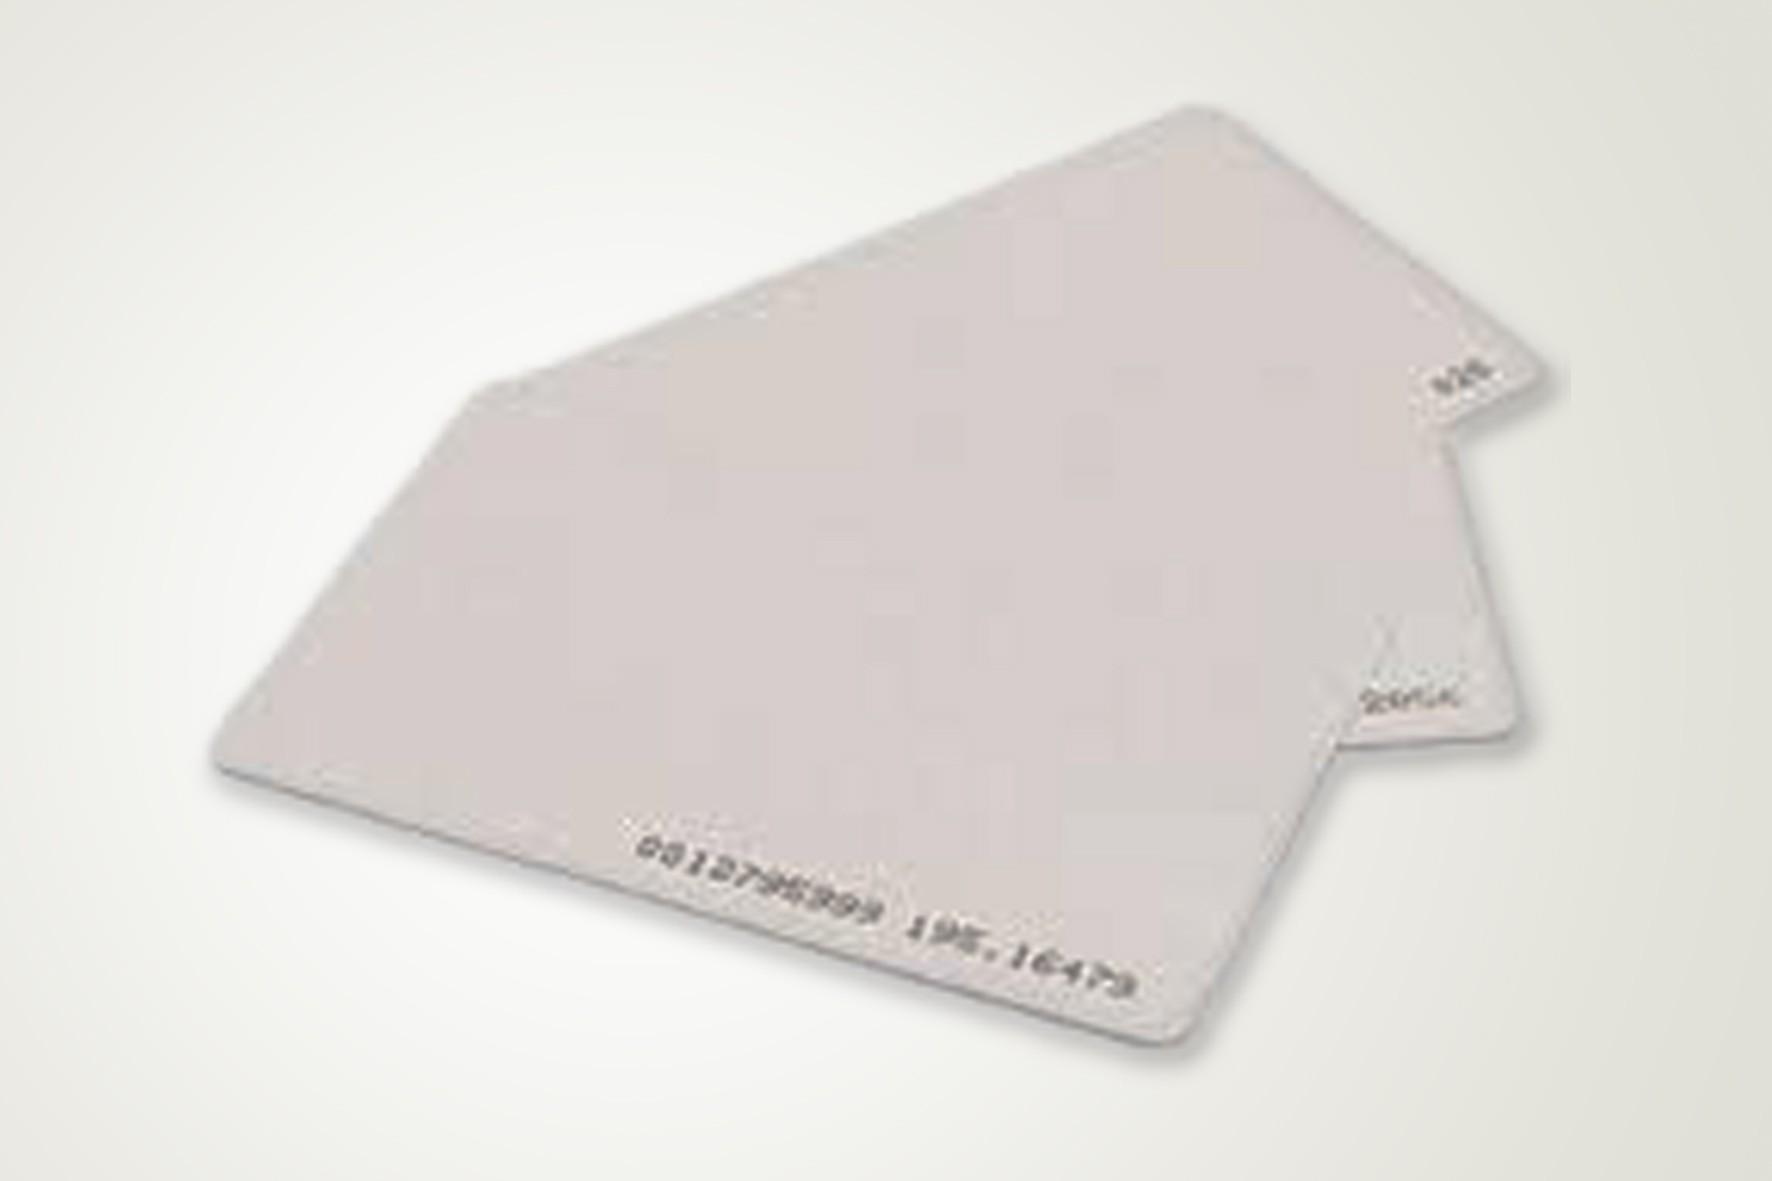 Cartões com Chip de Proximidade no Jardim do Divino - Crachás em BH